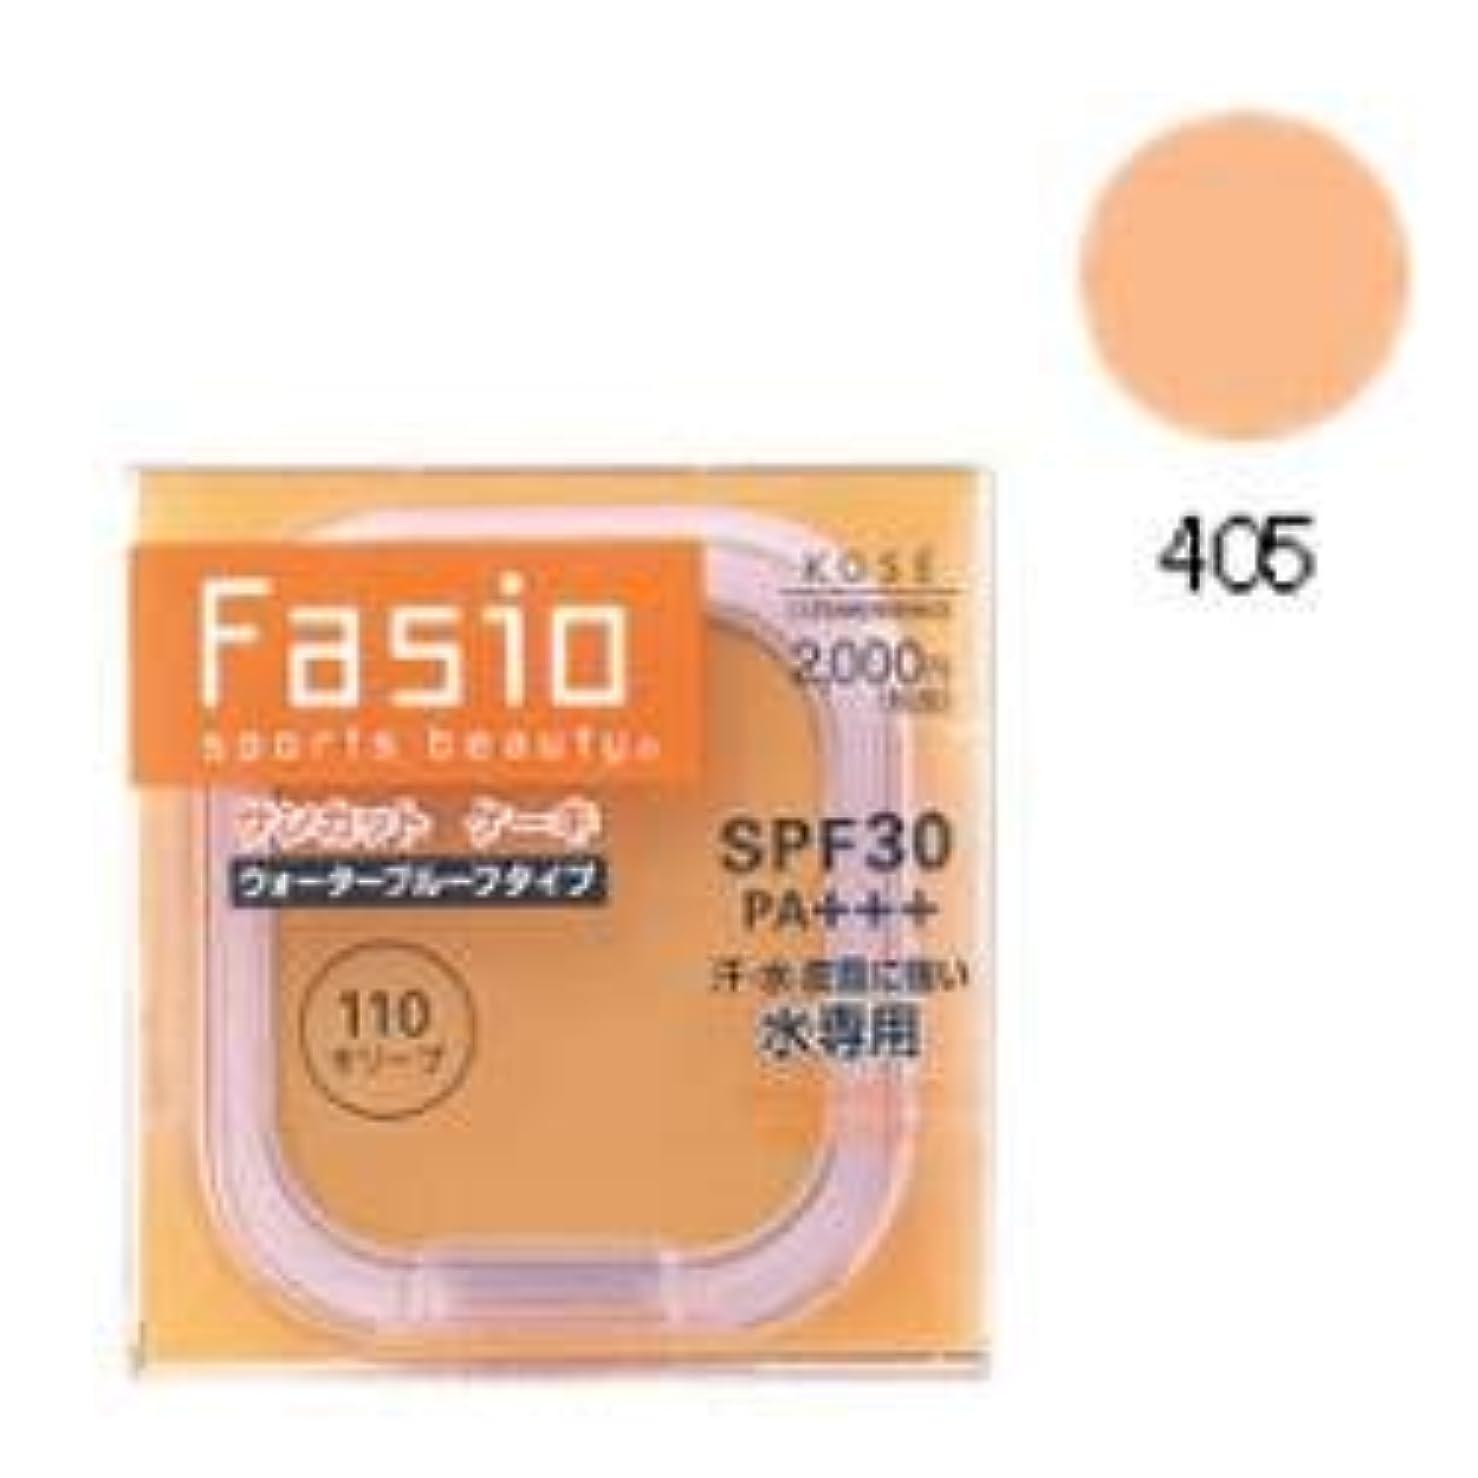 ありふれた相対性理論引退するコーセー Fasio ファシオ サンカット ケーキ 詰め替え用 405